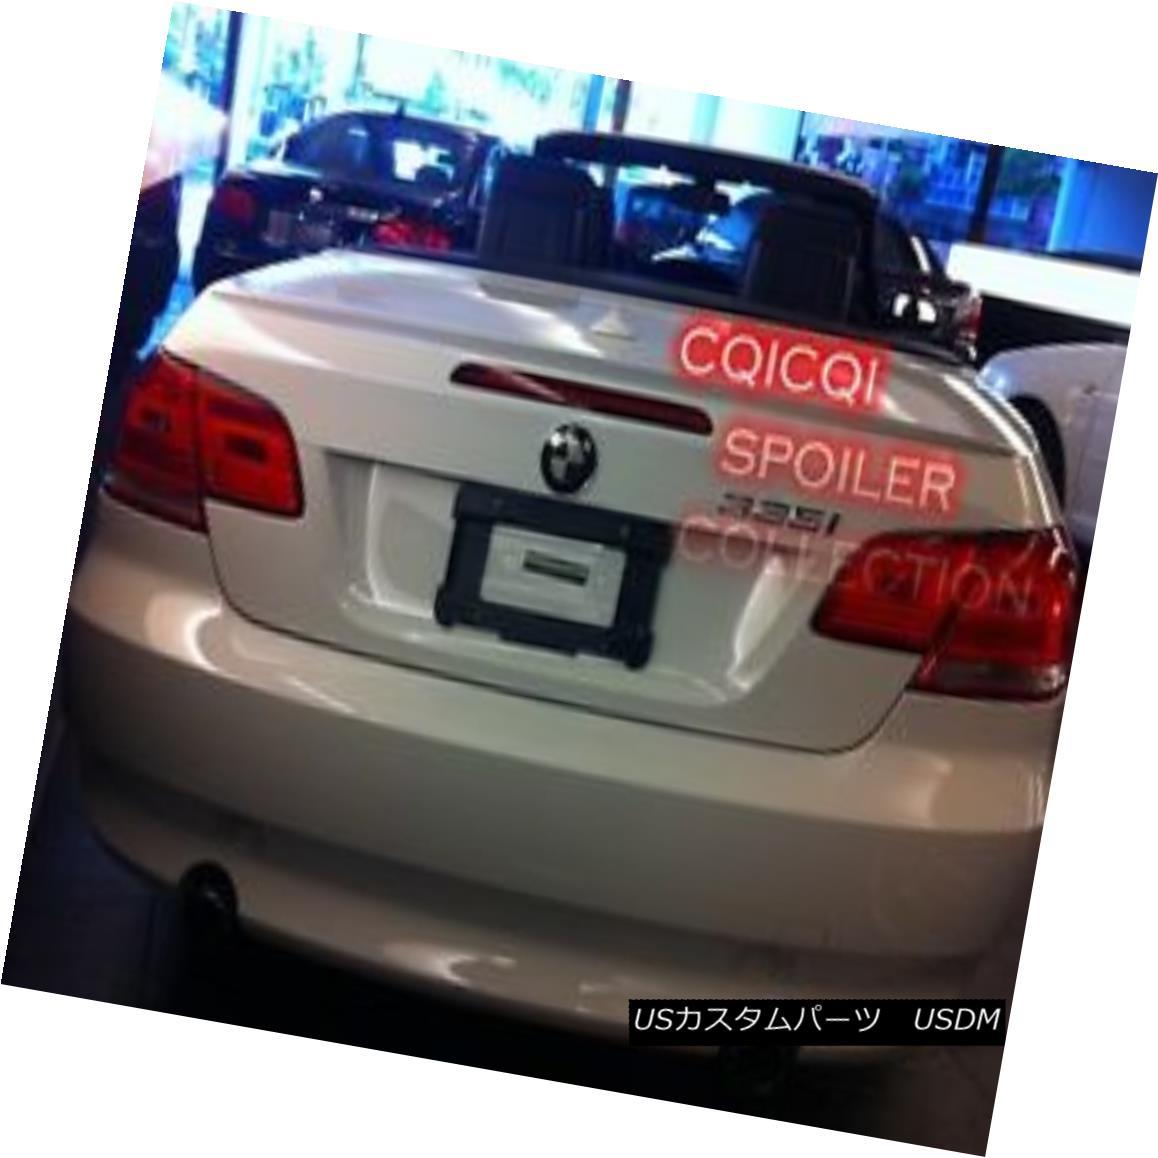 エアロパーツ Painted BMW 2007~2013 E93 3-series convertible M3 type trunk spoiler all color◎ ペイントされたBMW 2007?2013 E93 3シリーズコンバーチブルM3タイプのトランク・スポイラーは全色?